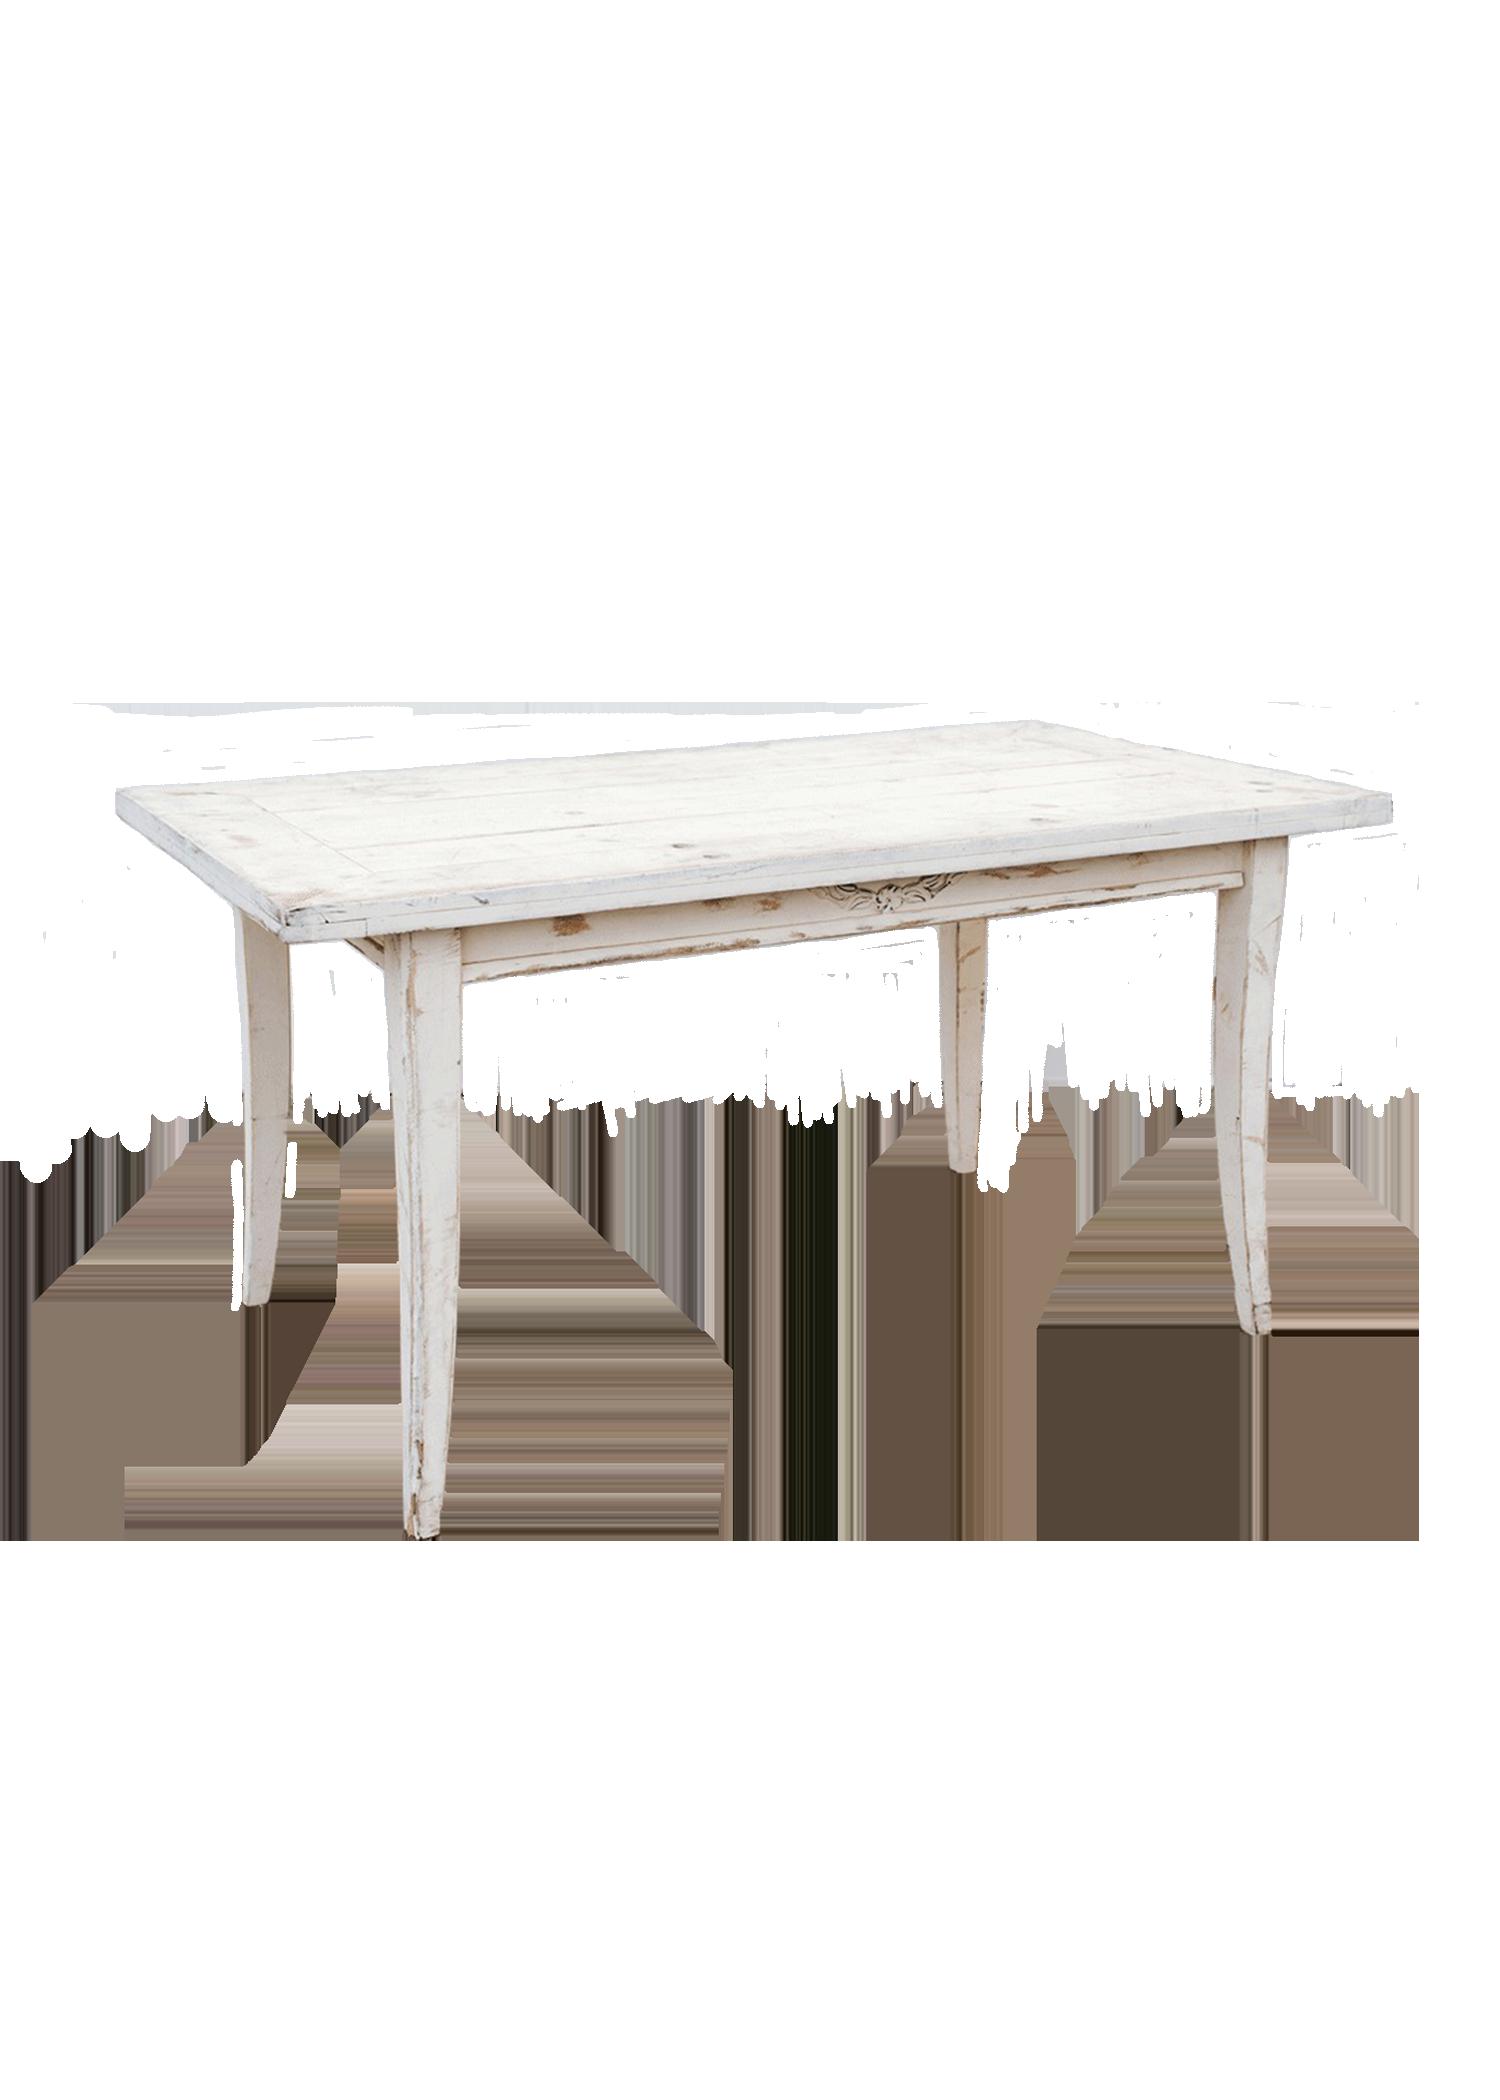 Emblem Table